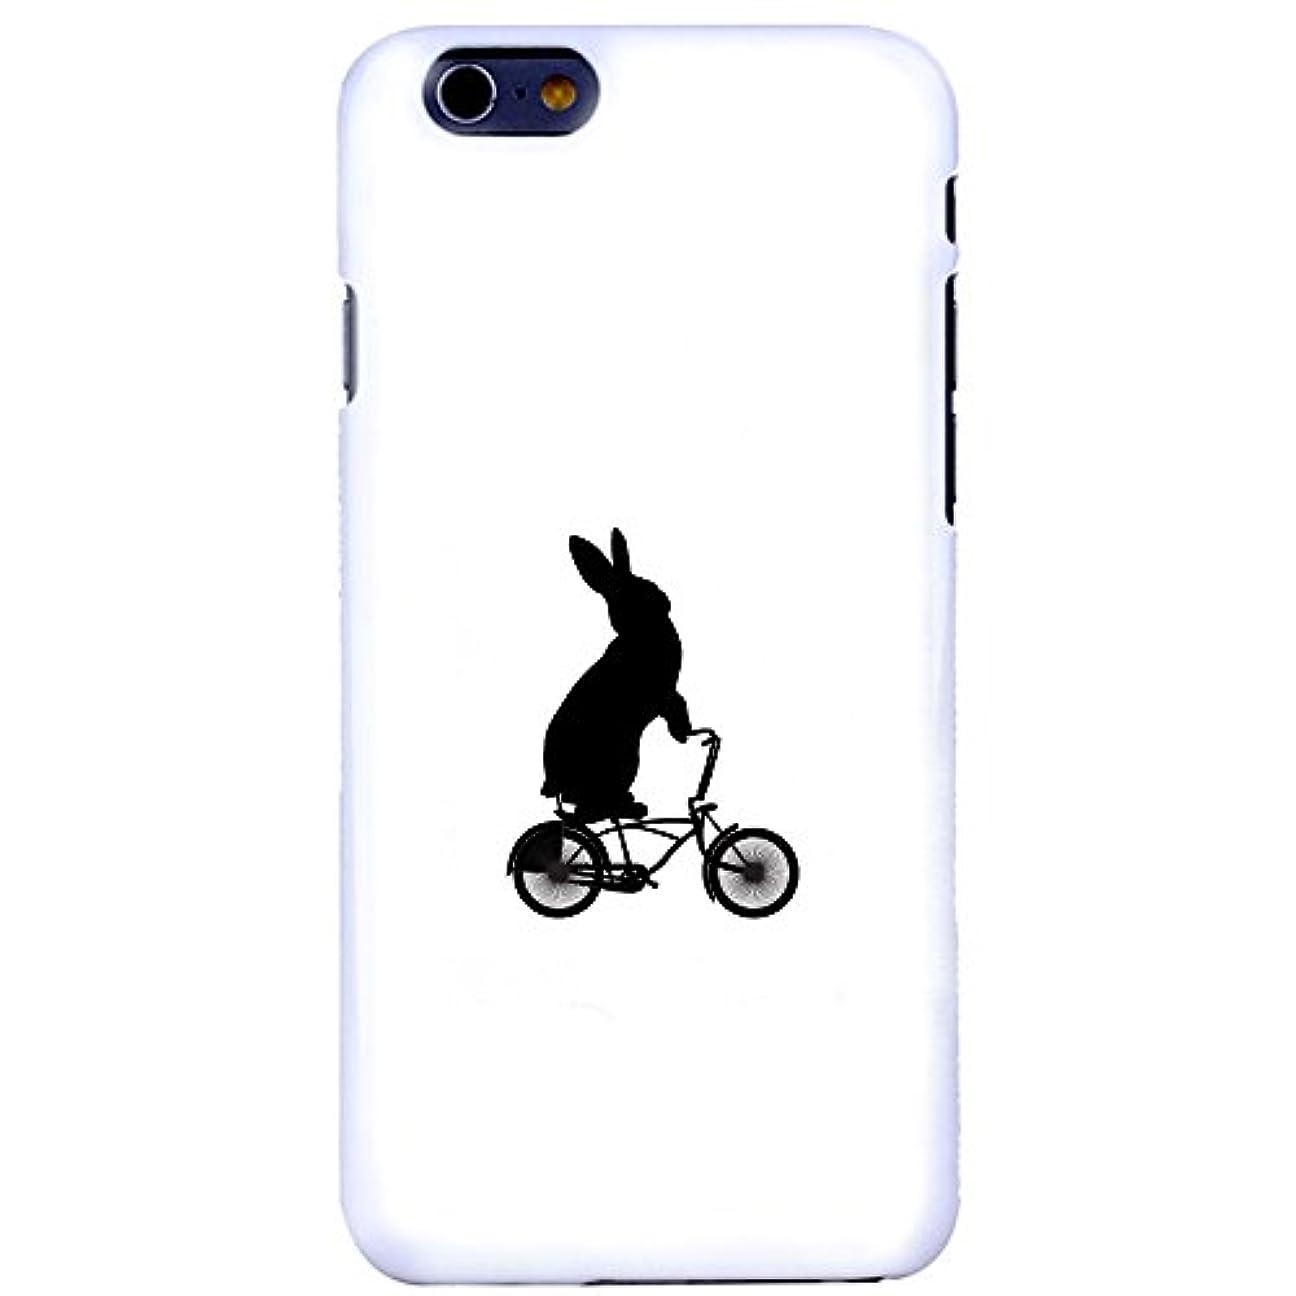 灰必要ない恨みotas iPhone6 カバー ハードケース ポリカーボネイト ホワイト 自転車うさぎ 888-36073